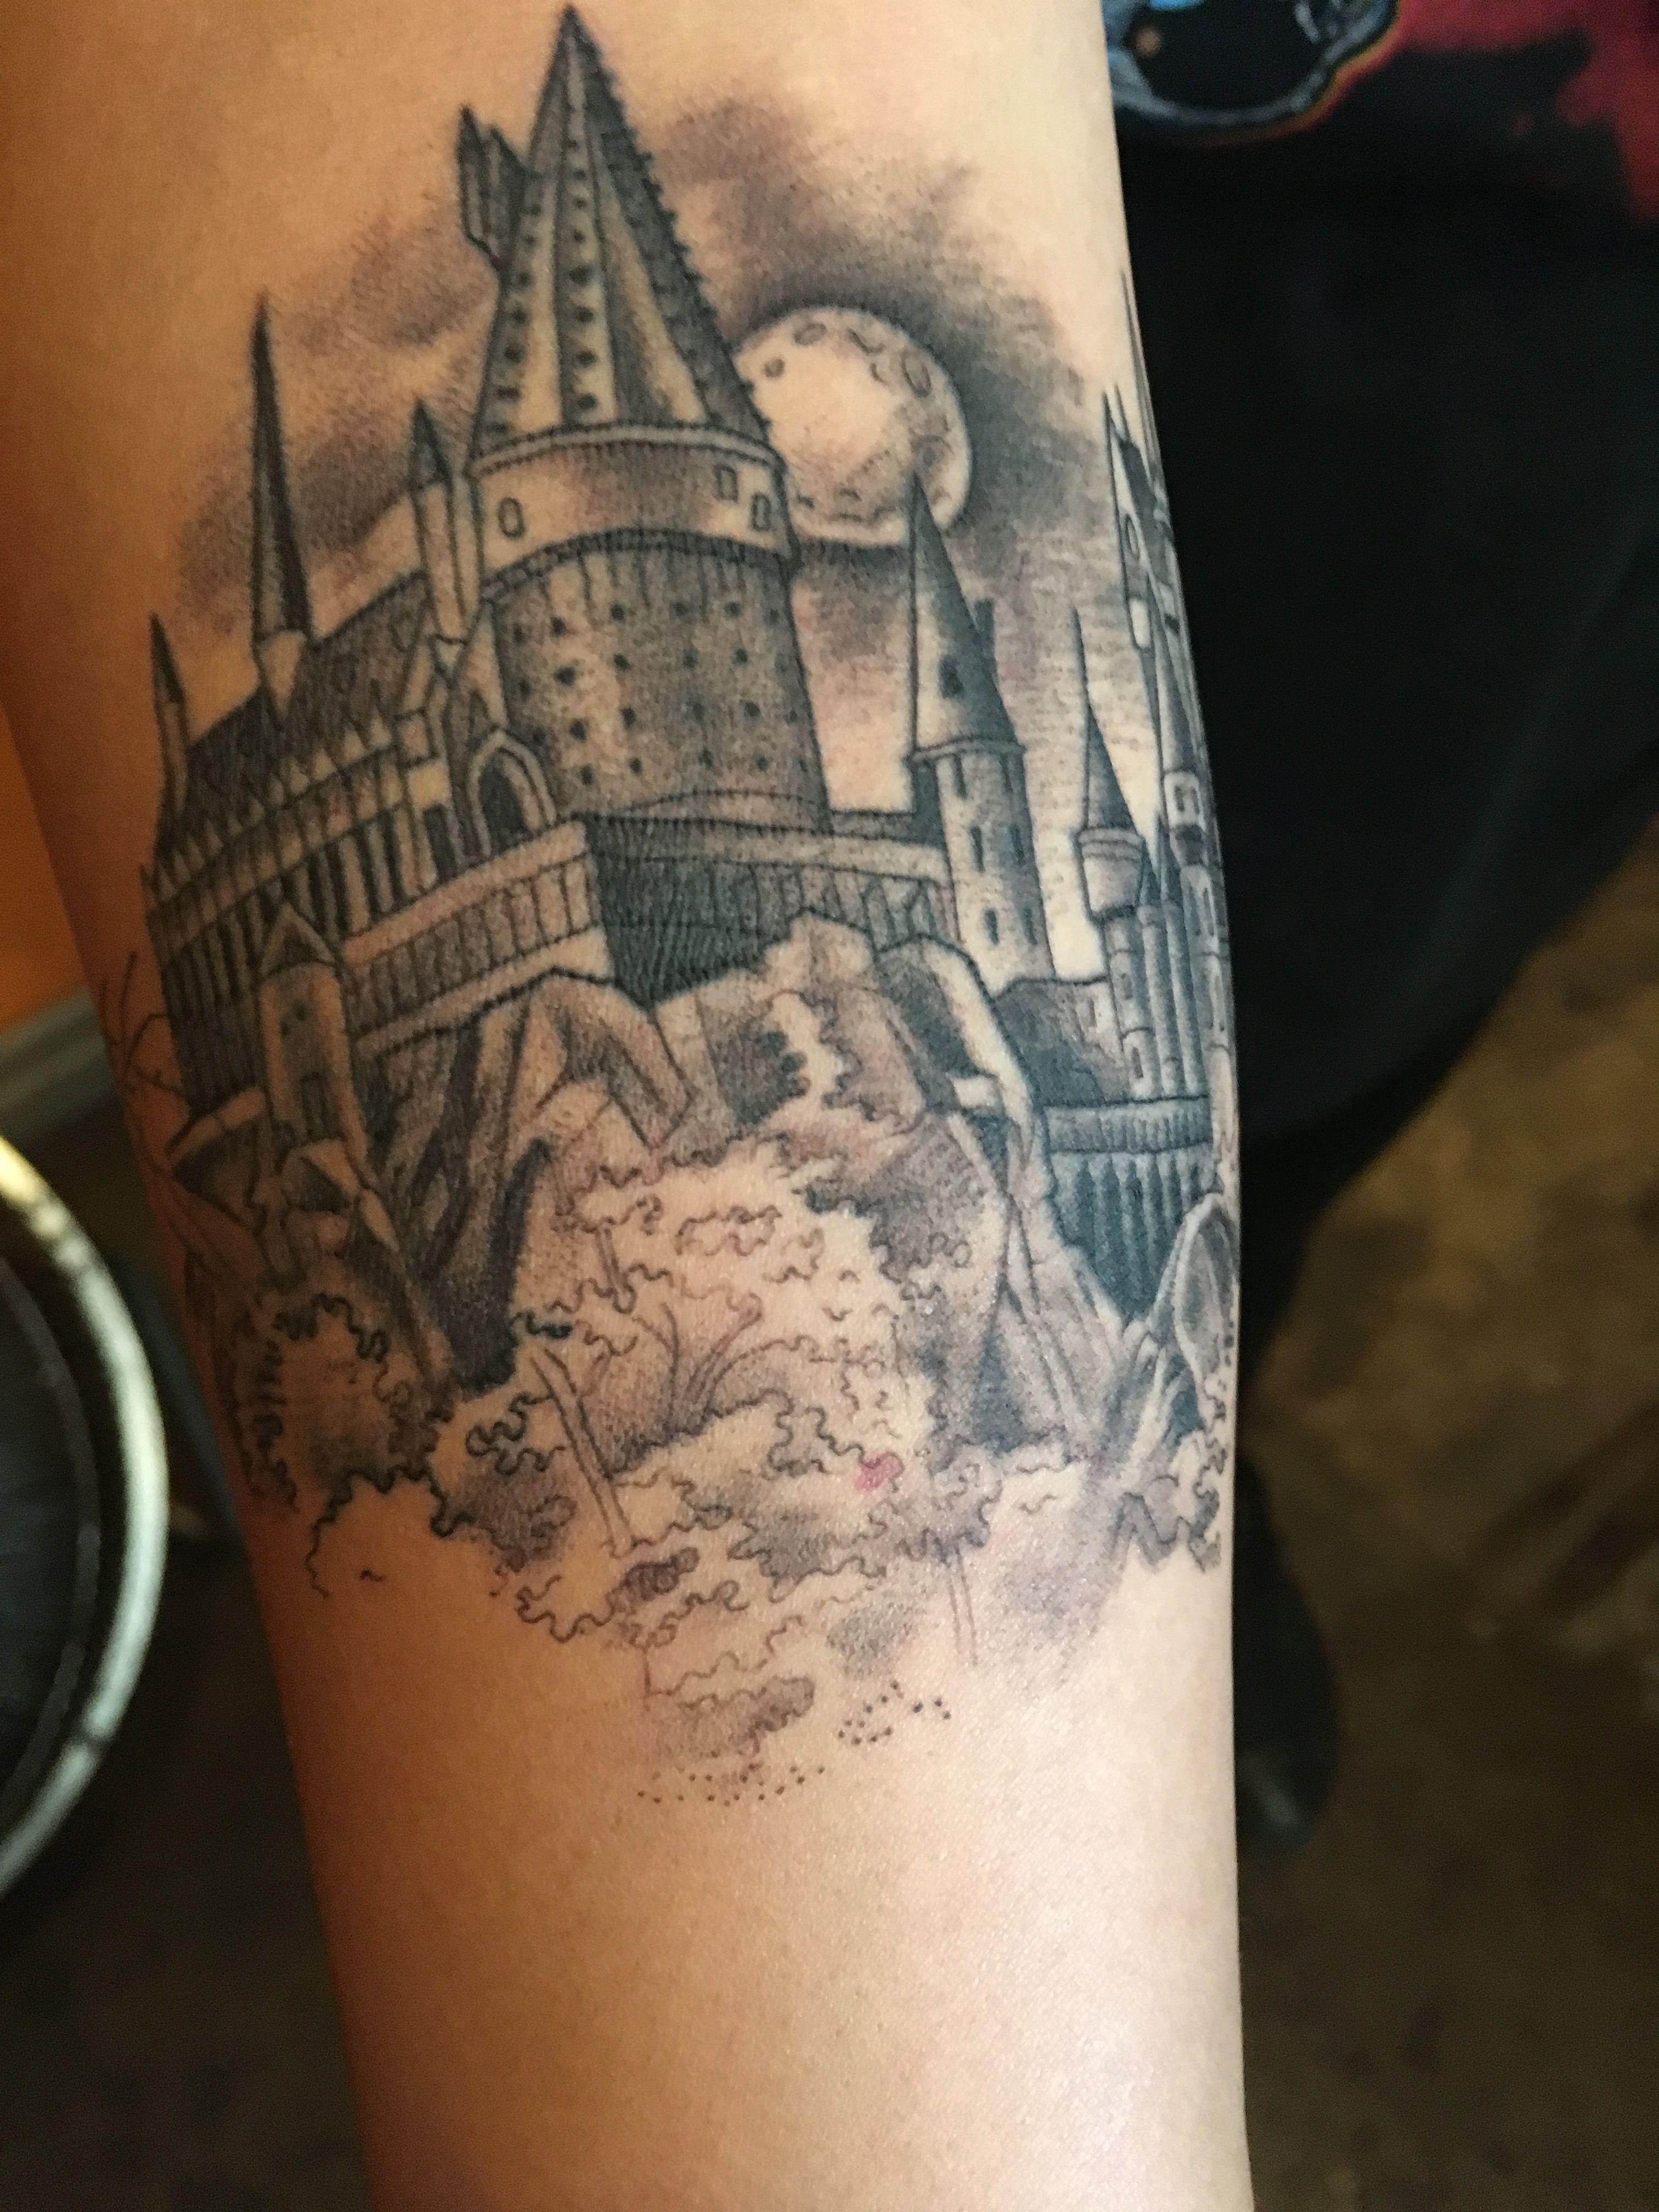 Harry Potter Hogwarts Castle Tattoo By Kim Saigh At Memoir Tattoo Castle Tattoo Hogwarts Castle Tattoo Tattoos